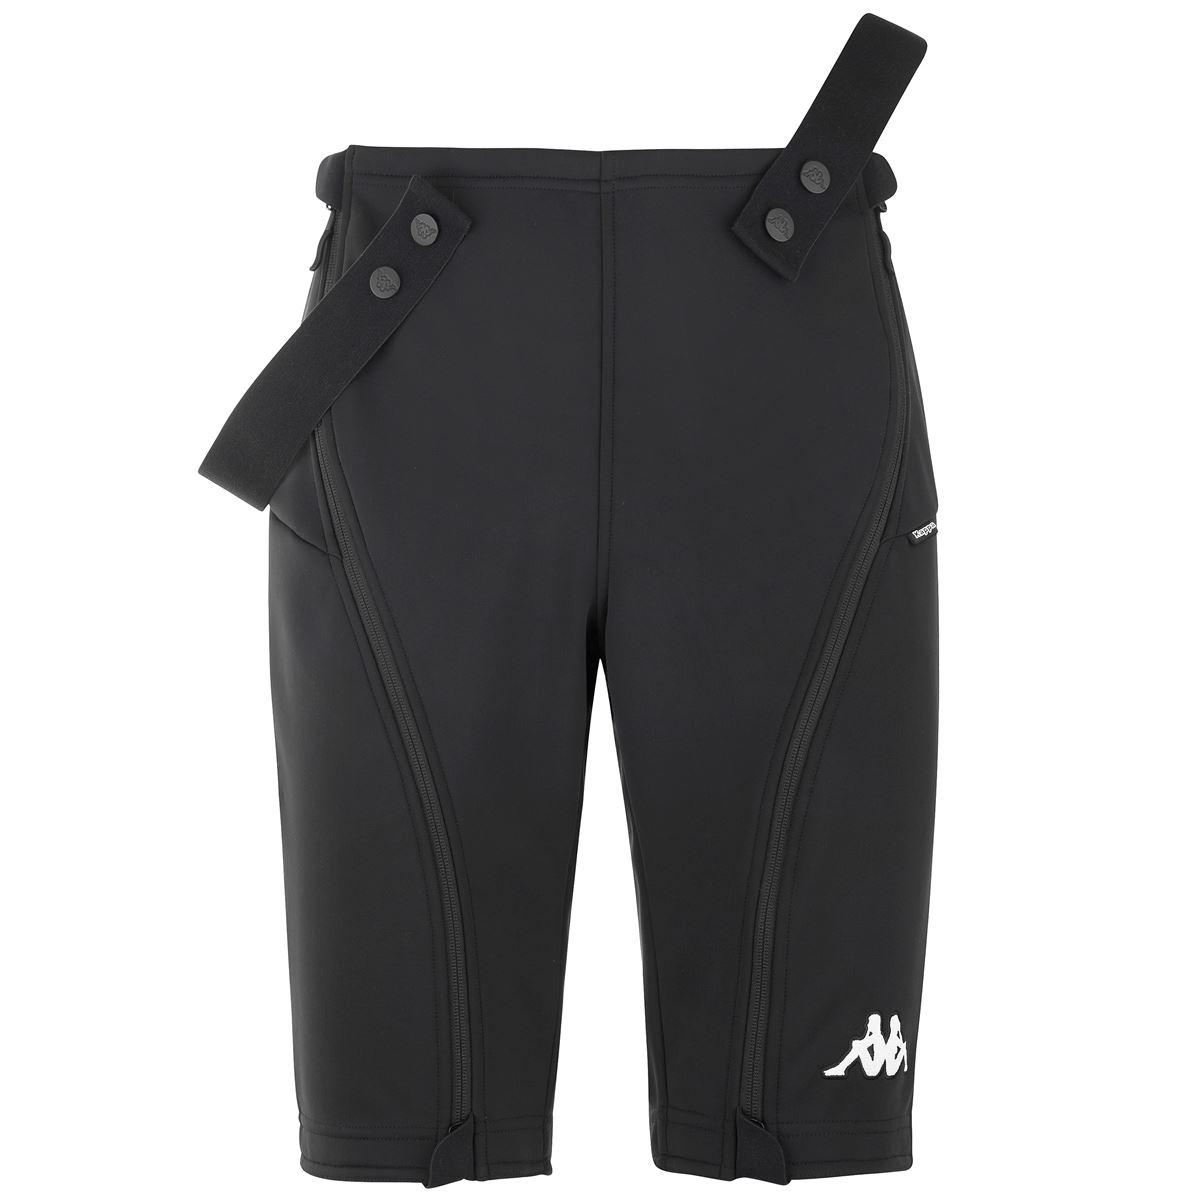 Kappa Pantaloni uomo-3022TI0